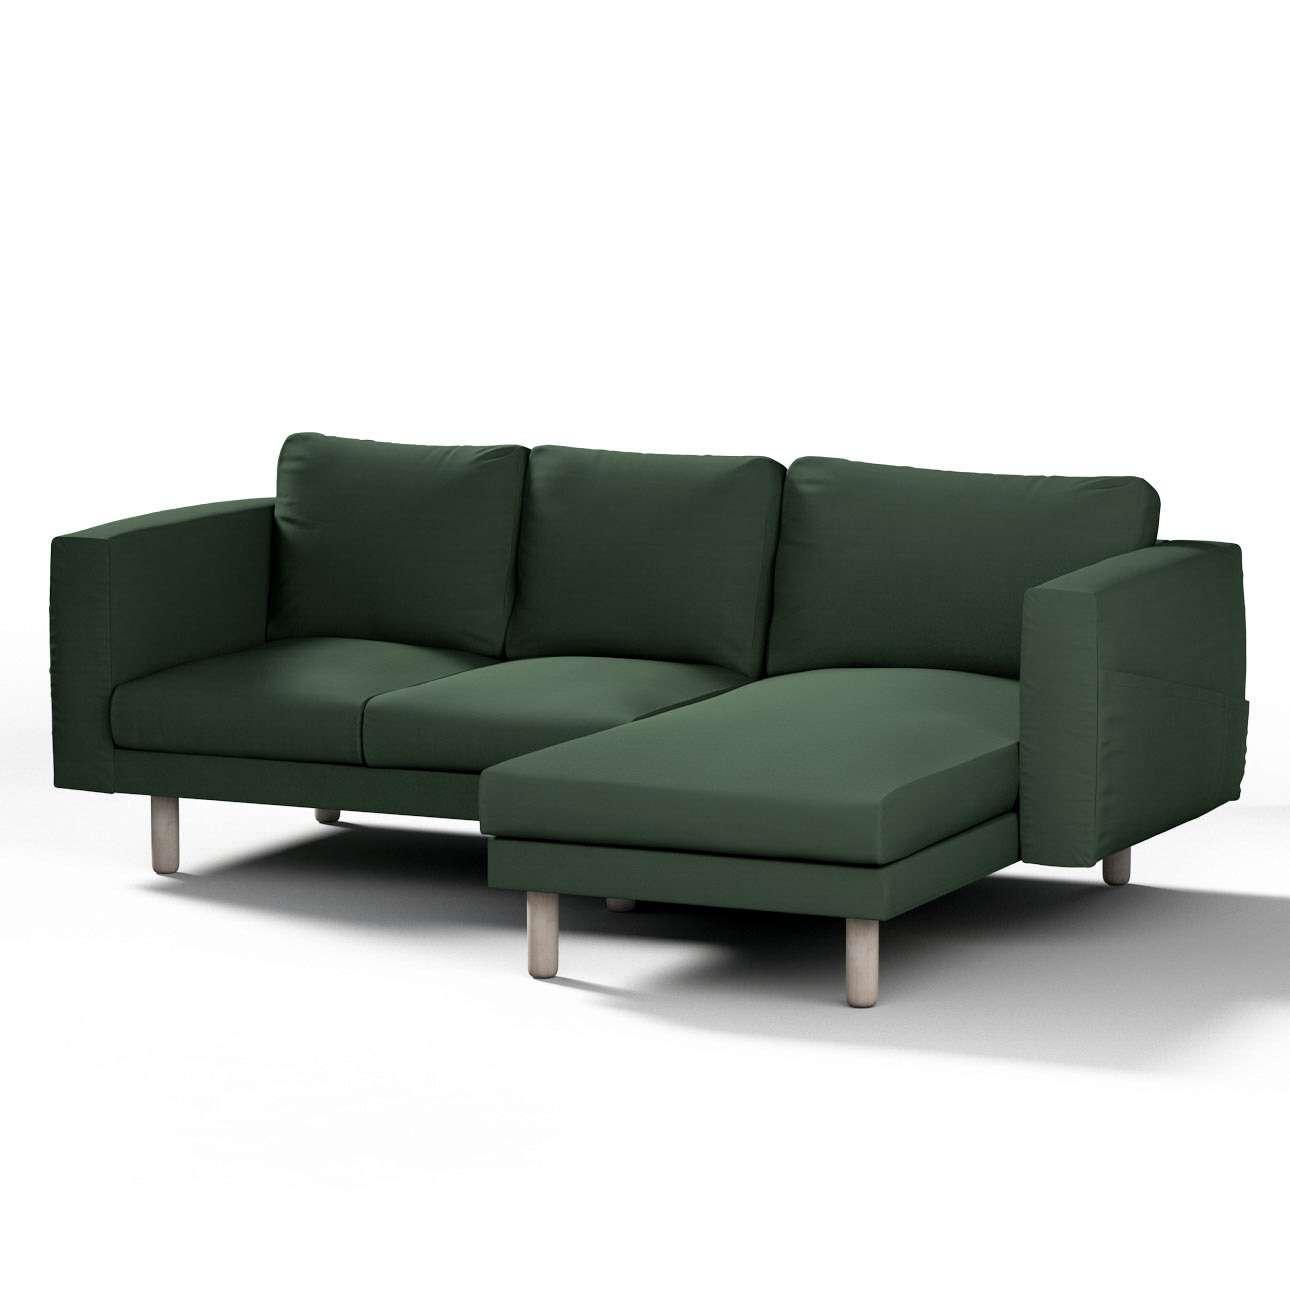 Pokrowiec na sofę Norsborg 3-osobową z szezlongiem w kolekcji Cotton Panama, tkanina: 702-06